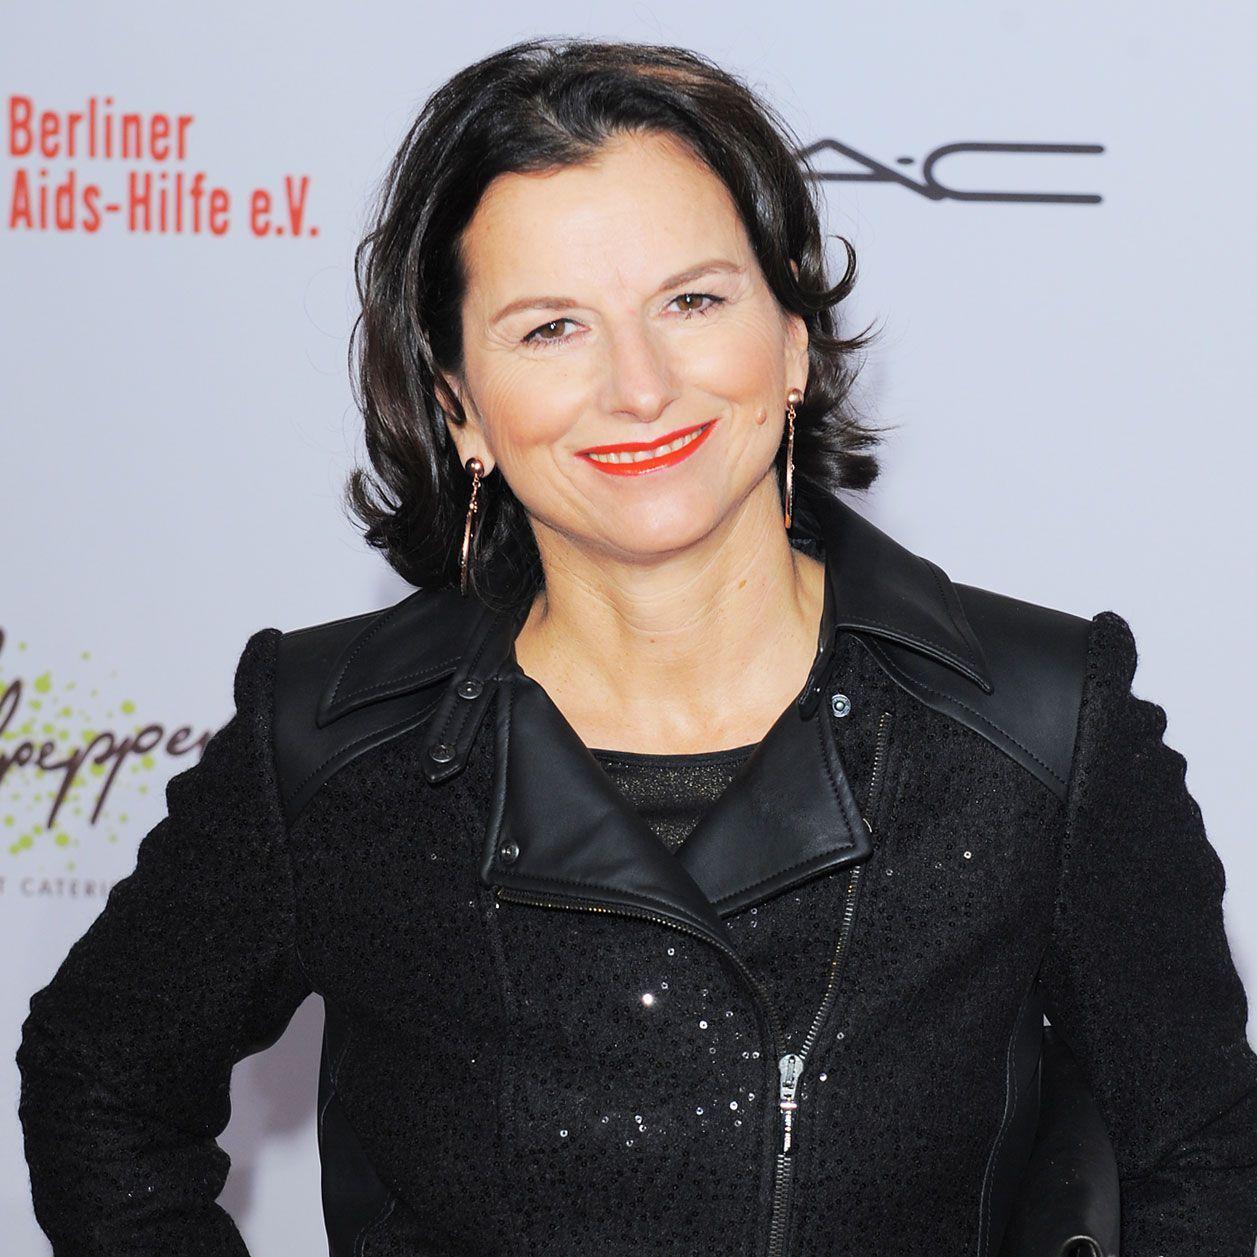 Promis Unter Palmen Claudia Hatte Ein Heimliches Date Promis Palmen Single Fur Immer